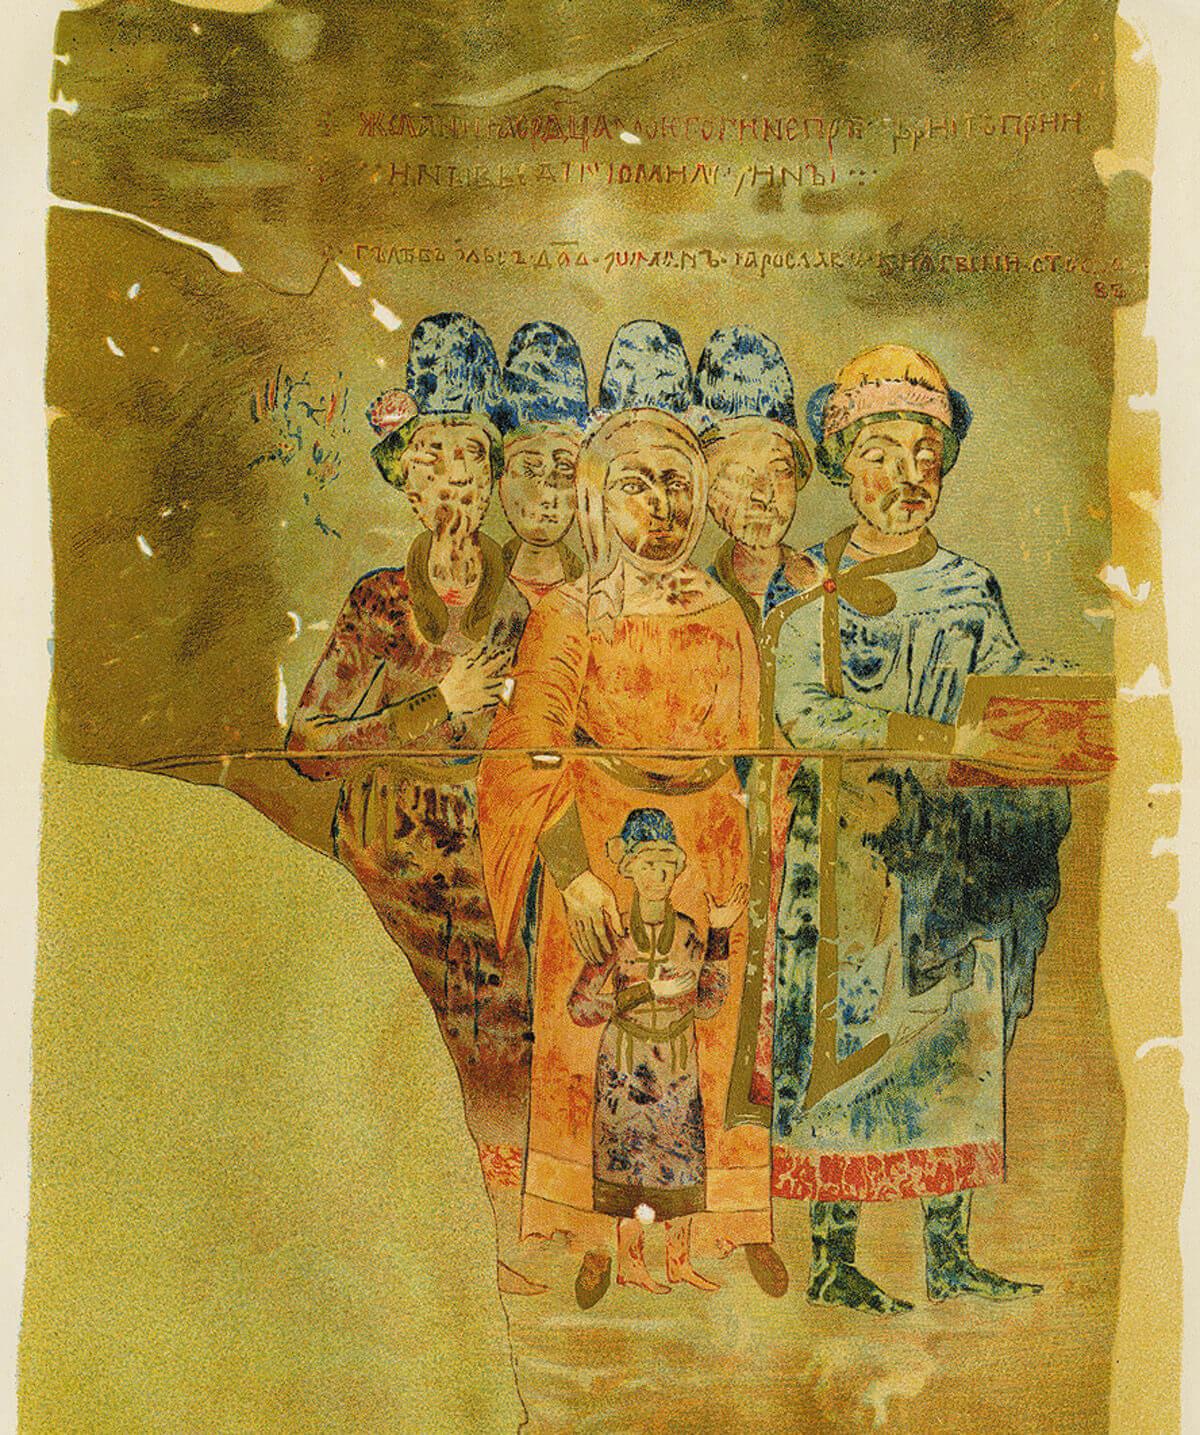 Изборник Святослава 1073 года. Миниатюра